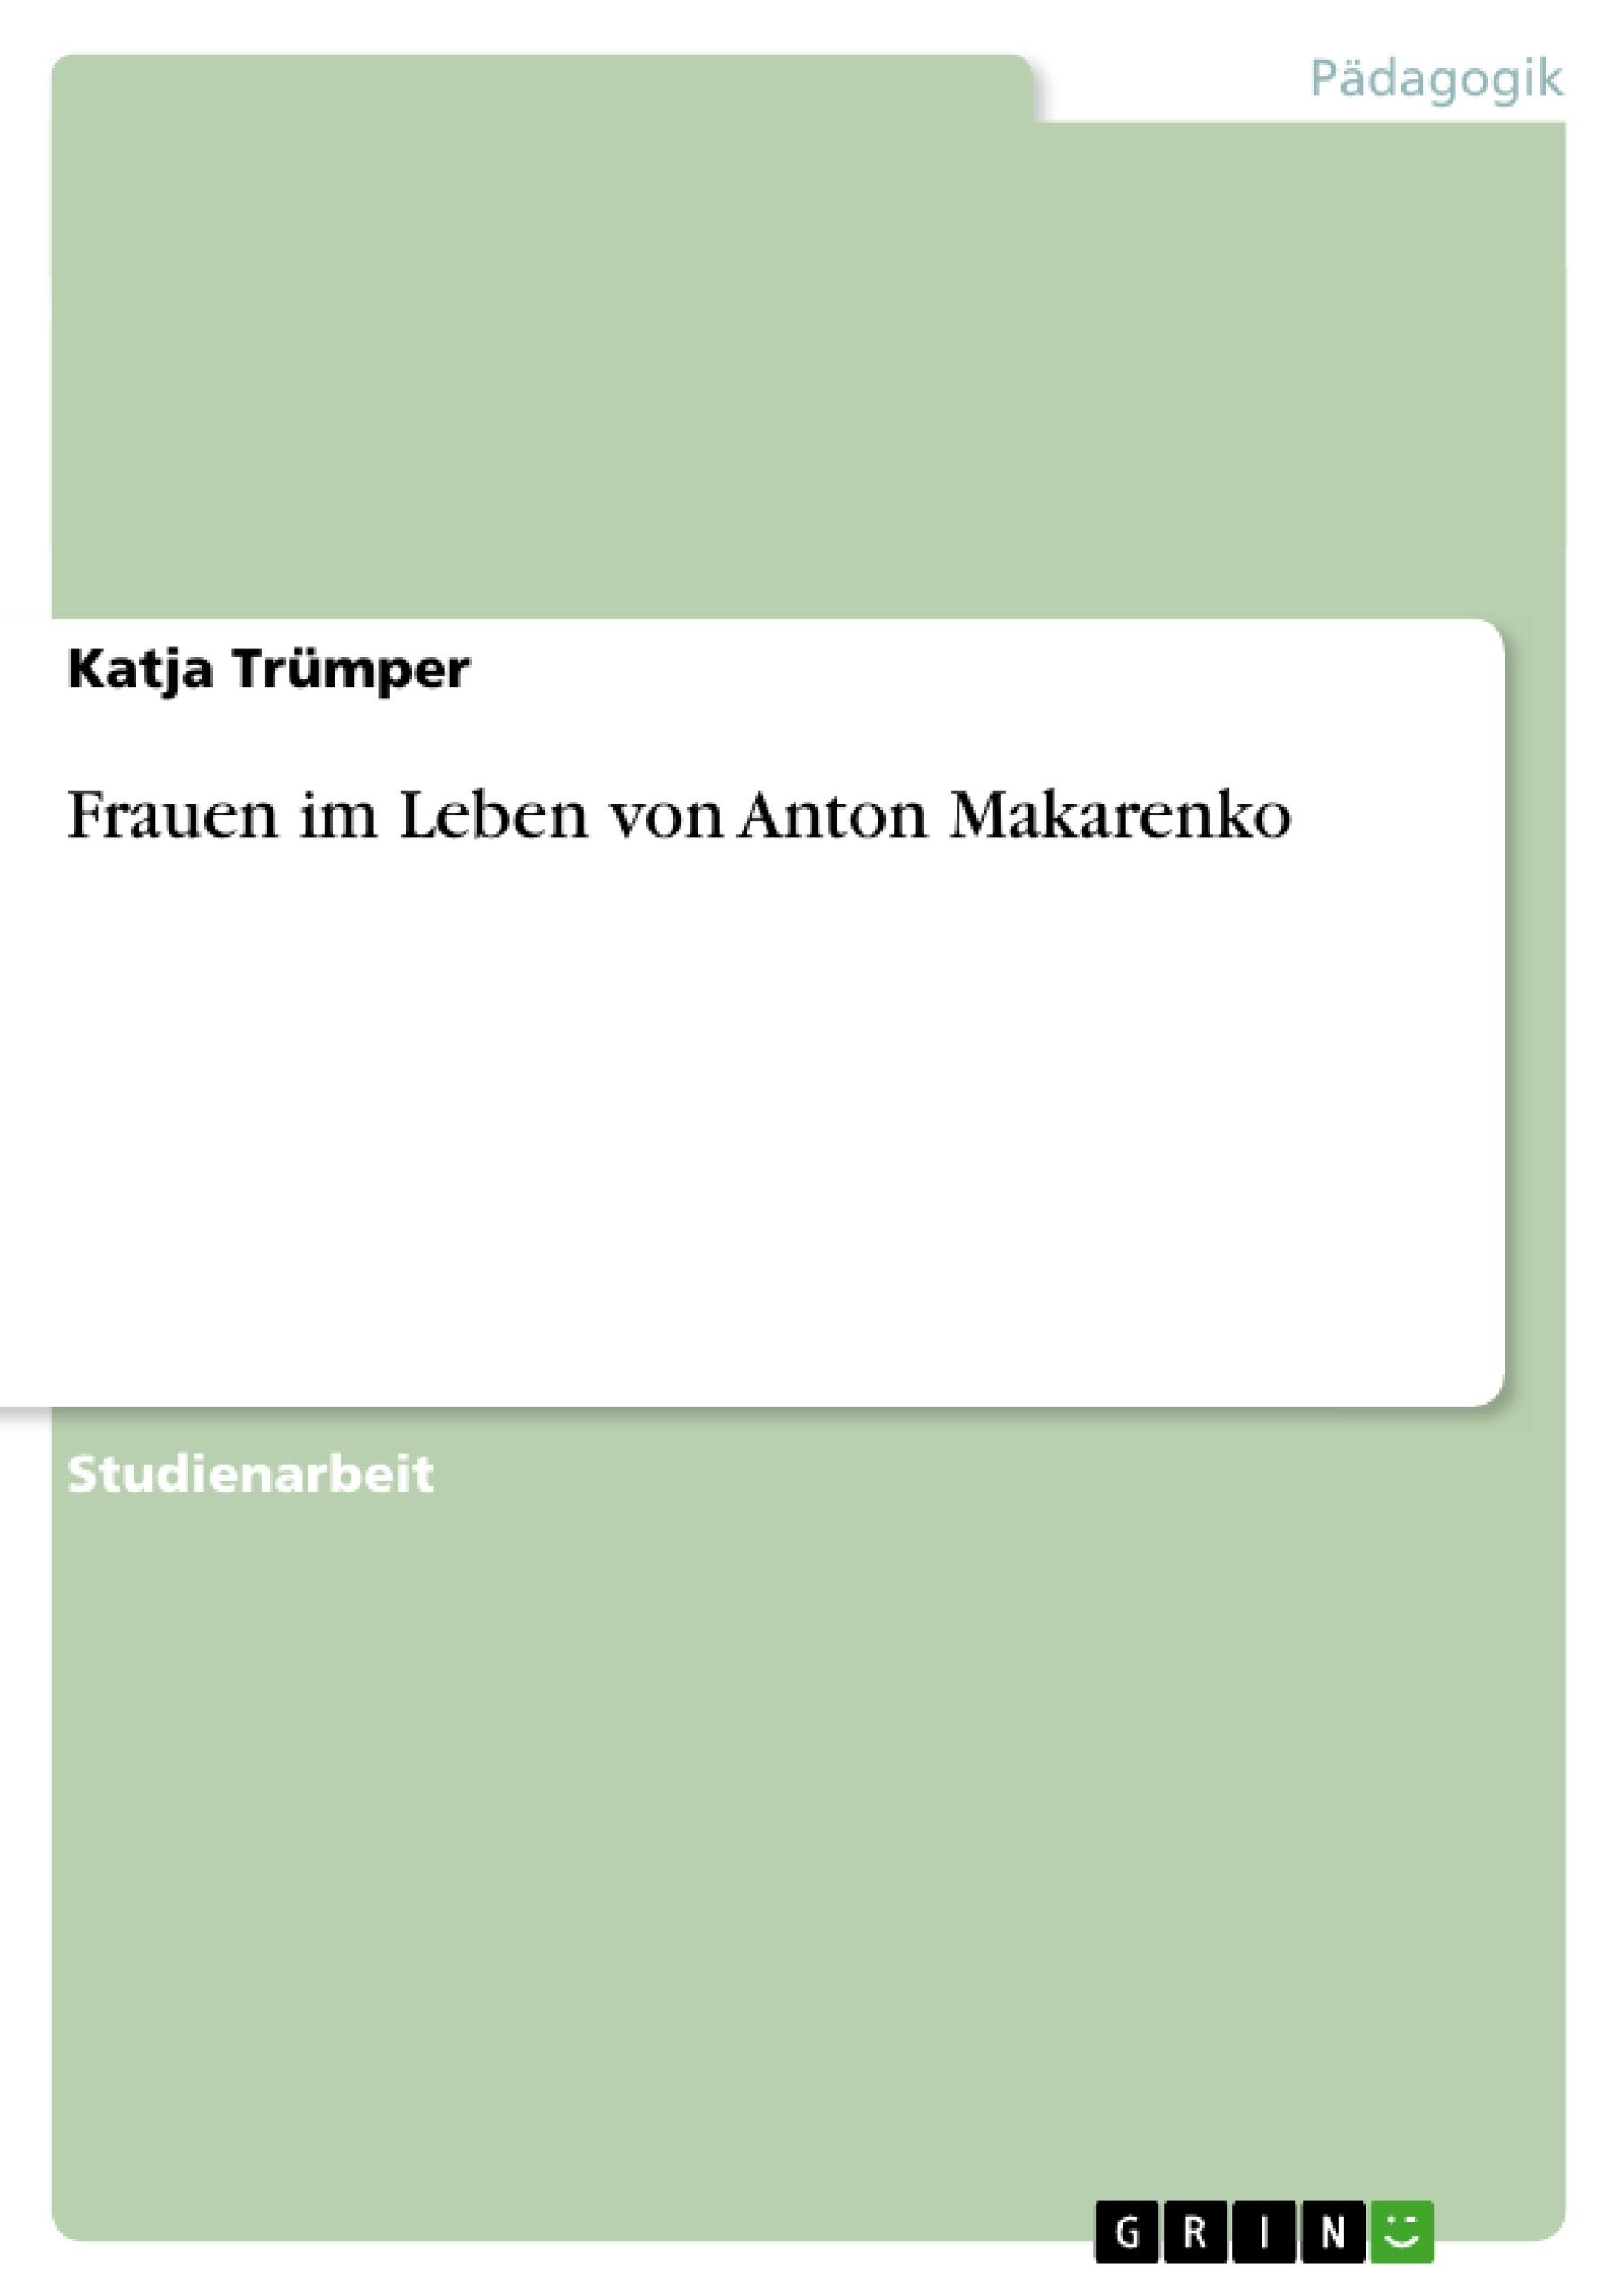 Titel: Frauen im Leben von Anton Makarenko